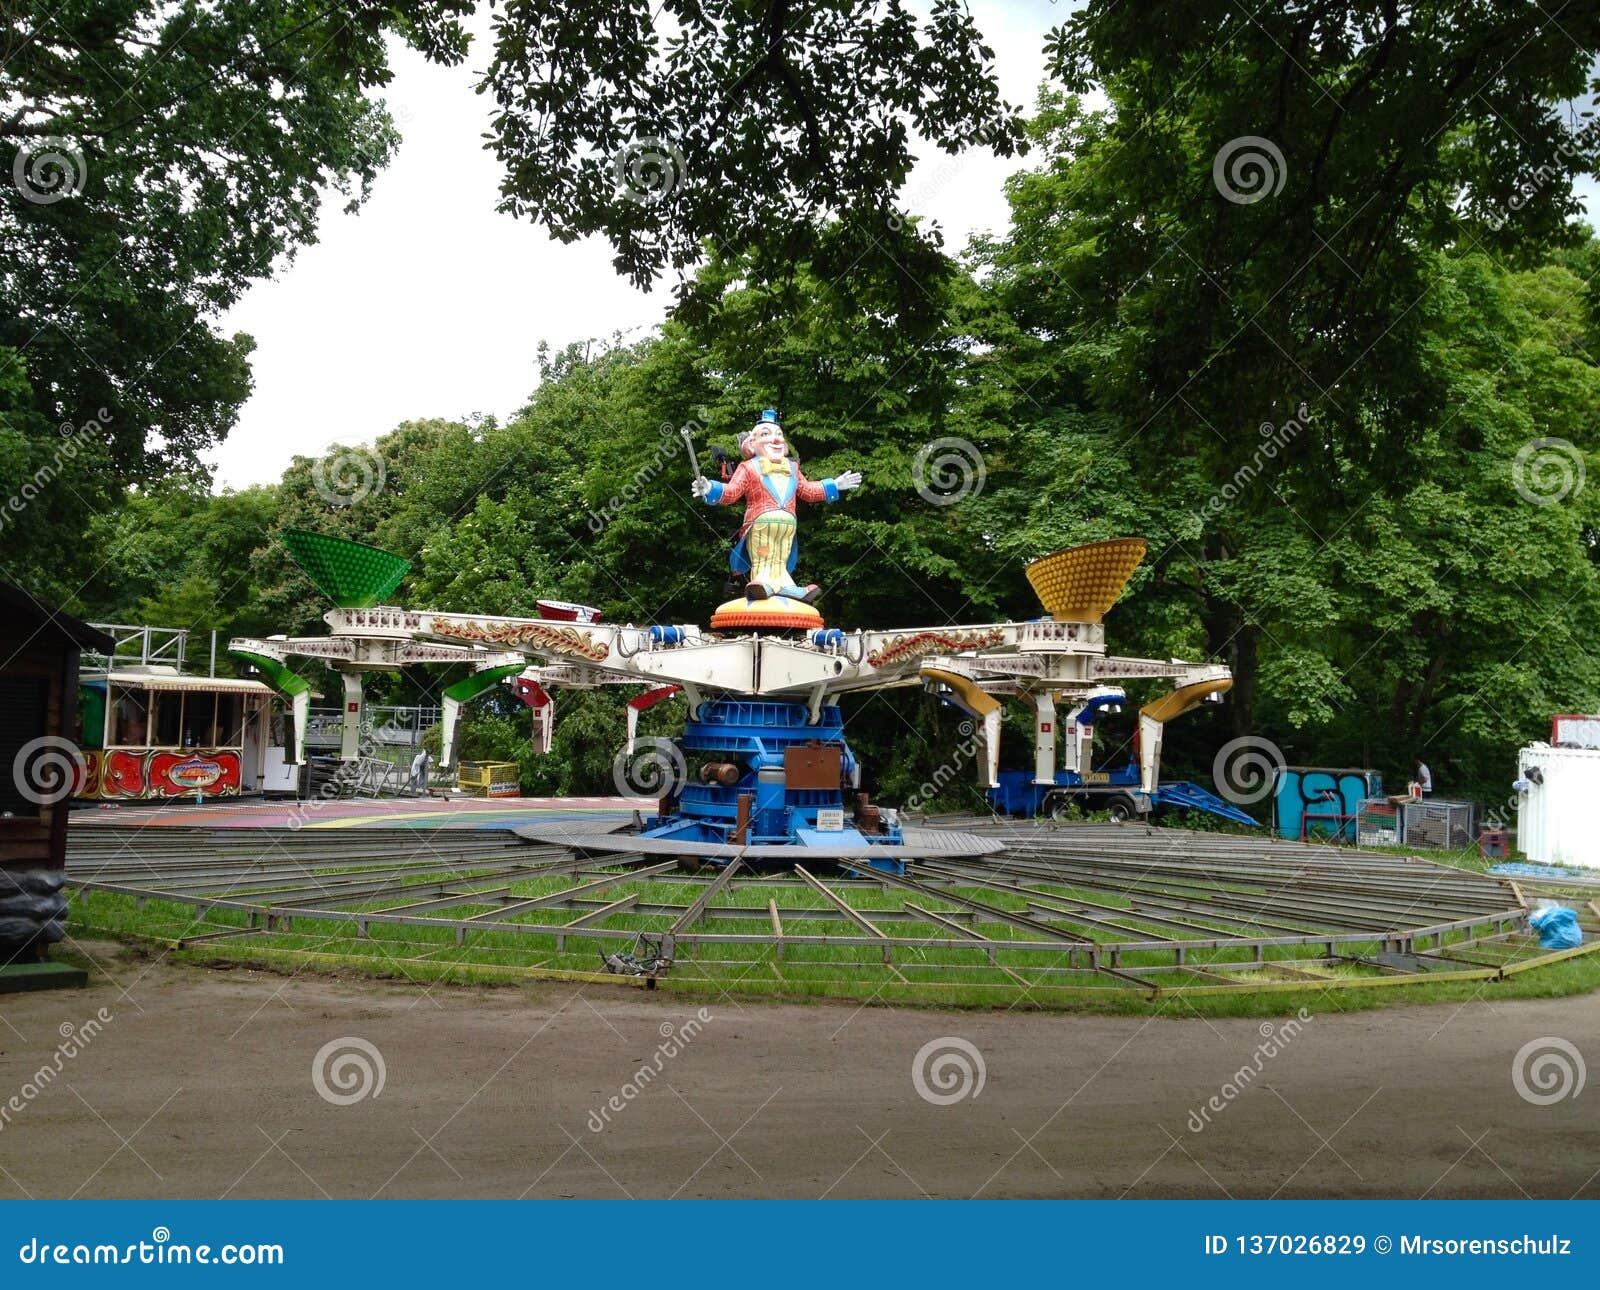 Carnaval-Rit die (Fahrgeschäft) opstelling/geassembleerd bij Duitse Pretmarkt zijn